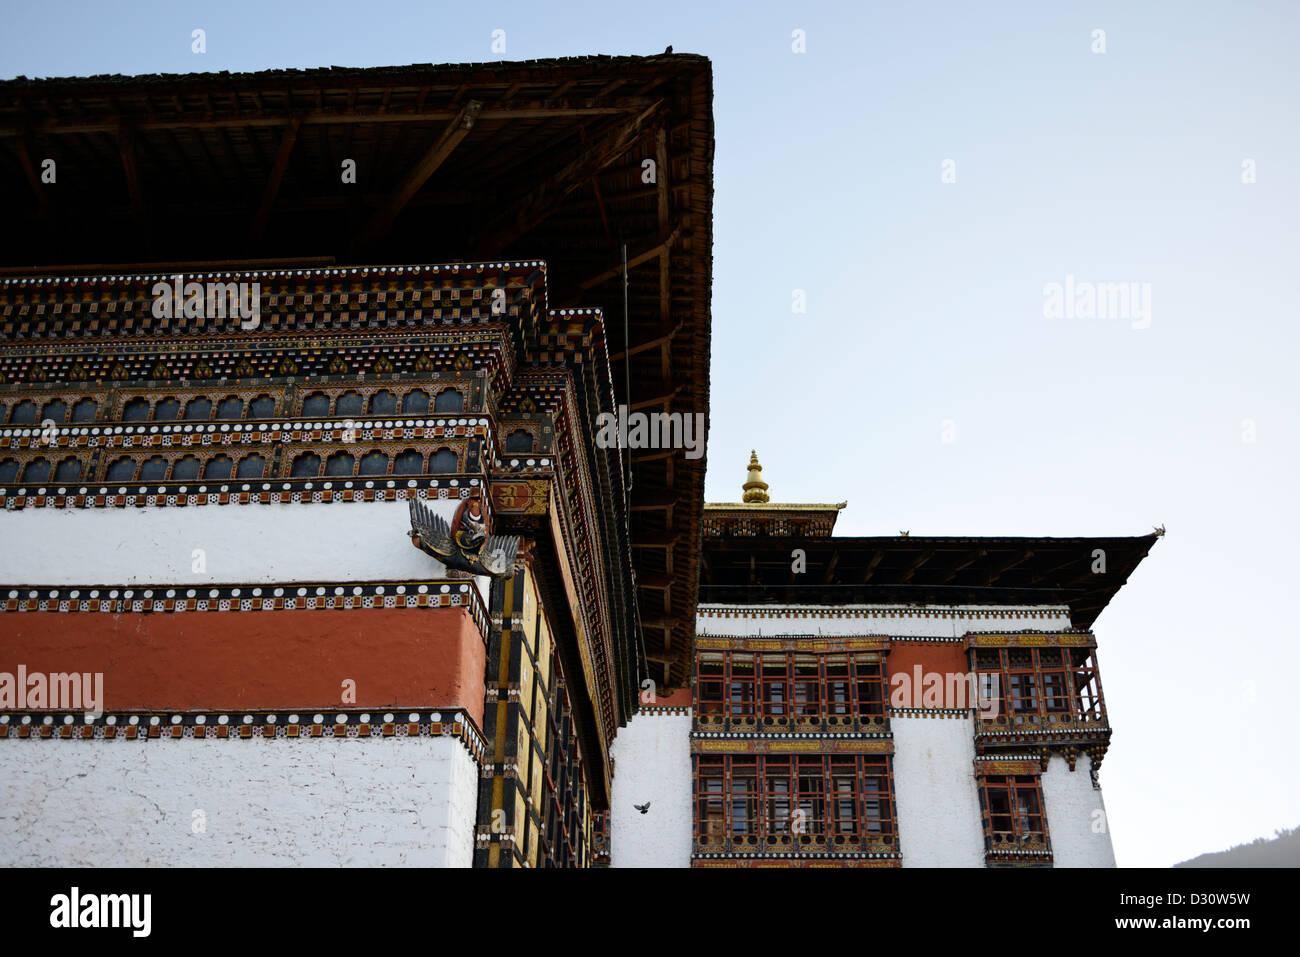 Les détails architecturaux de la cour de triage à tashi chodzong dzong, forteresse de la glorieuse religion,Bhoutan,36MPX Photo Stock